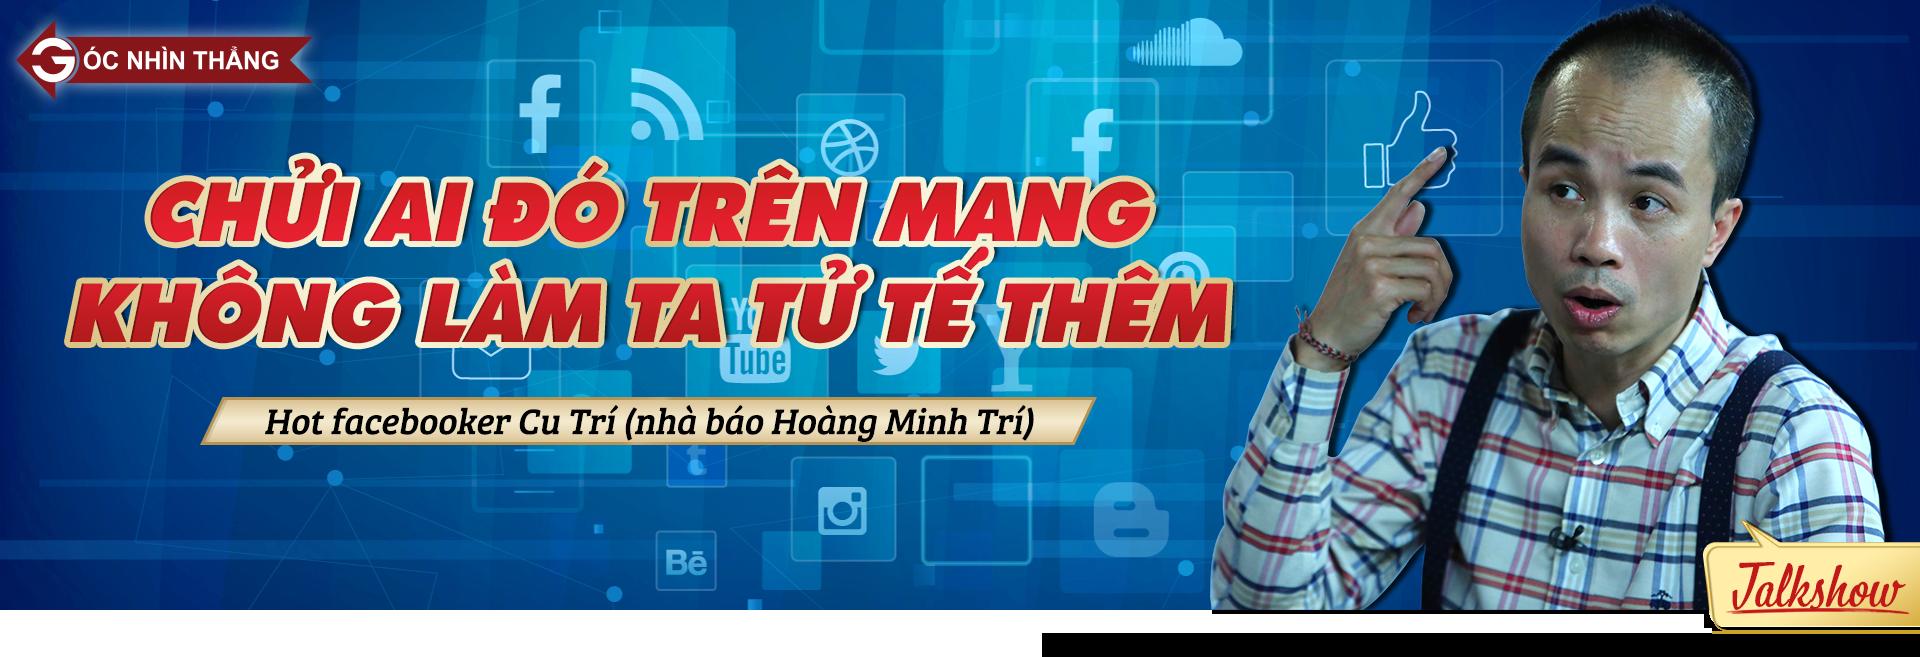 Cu Trí,Luật An ninh mạng,mạng xã hội,Facebook